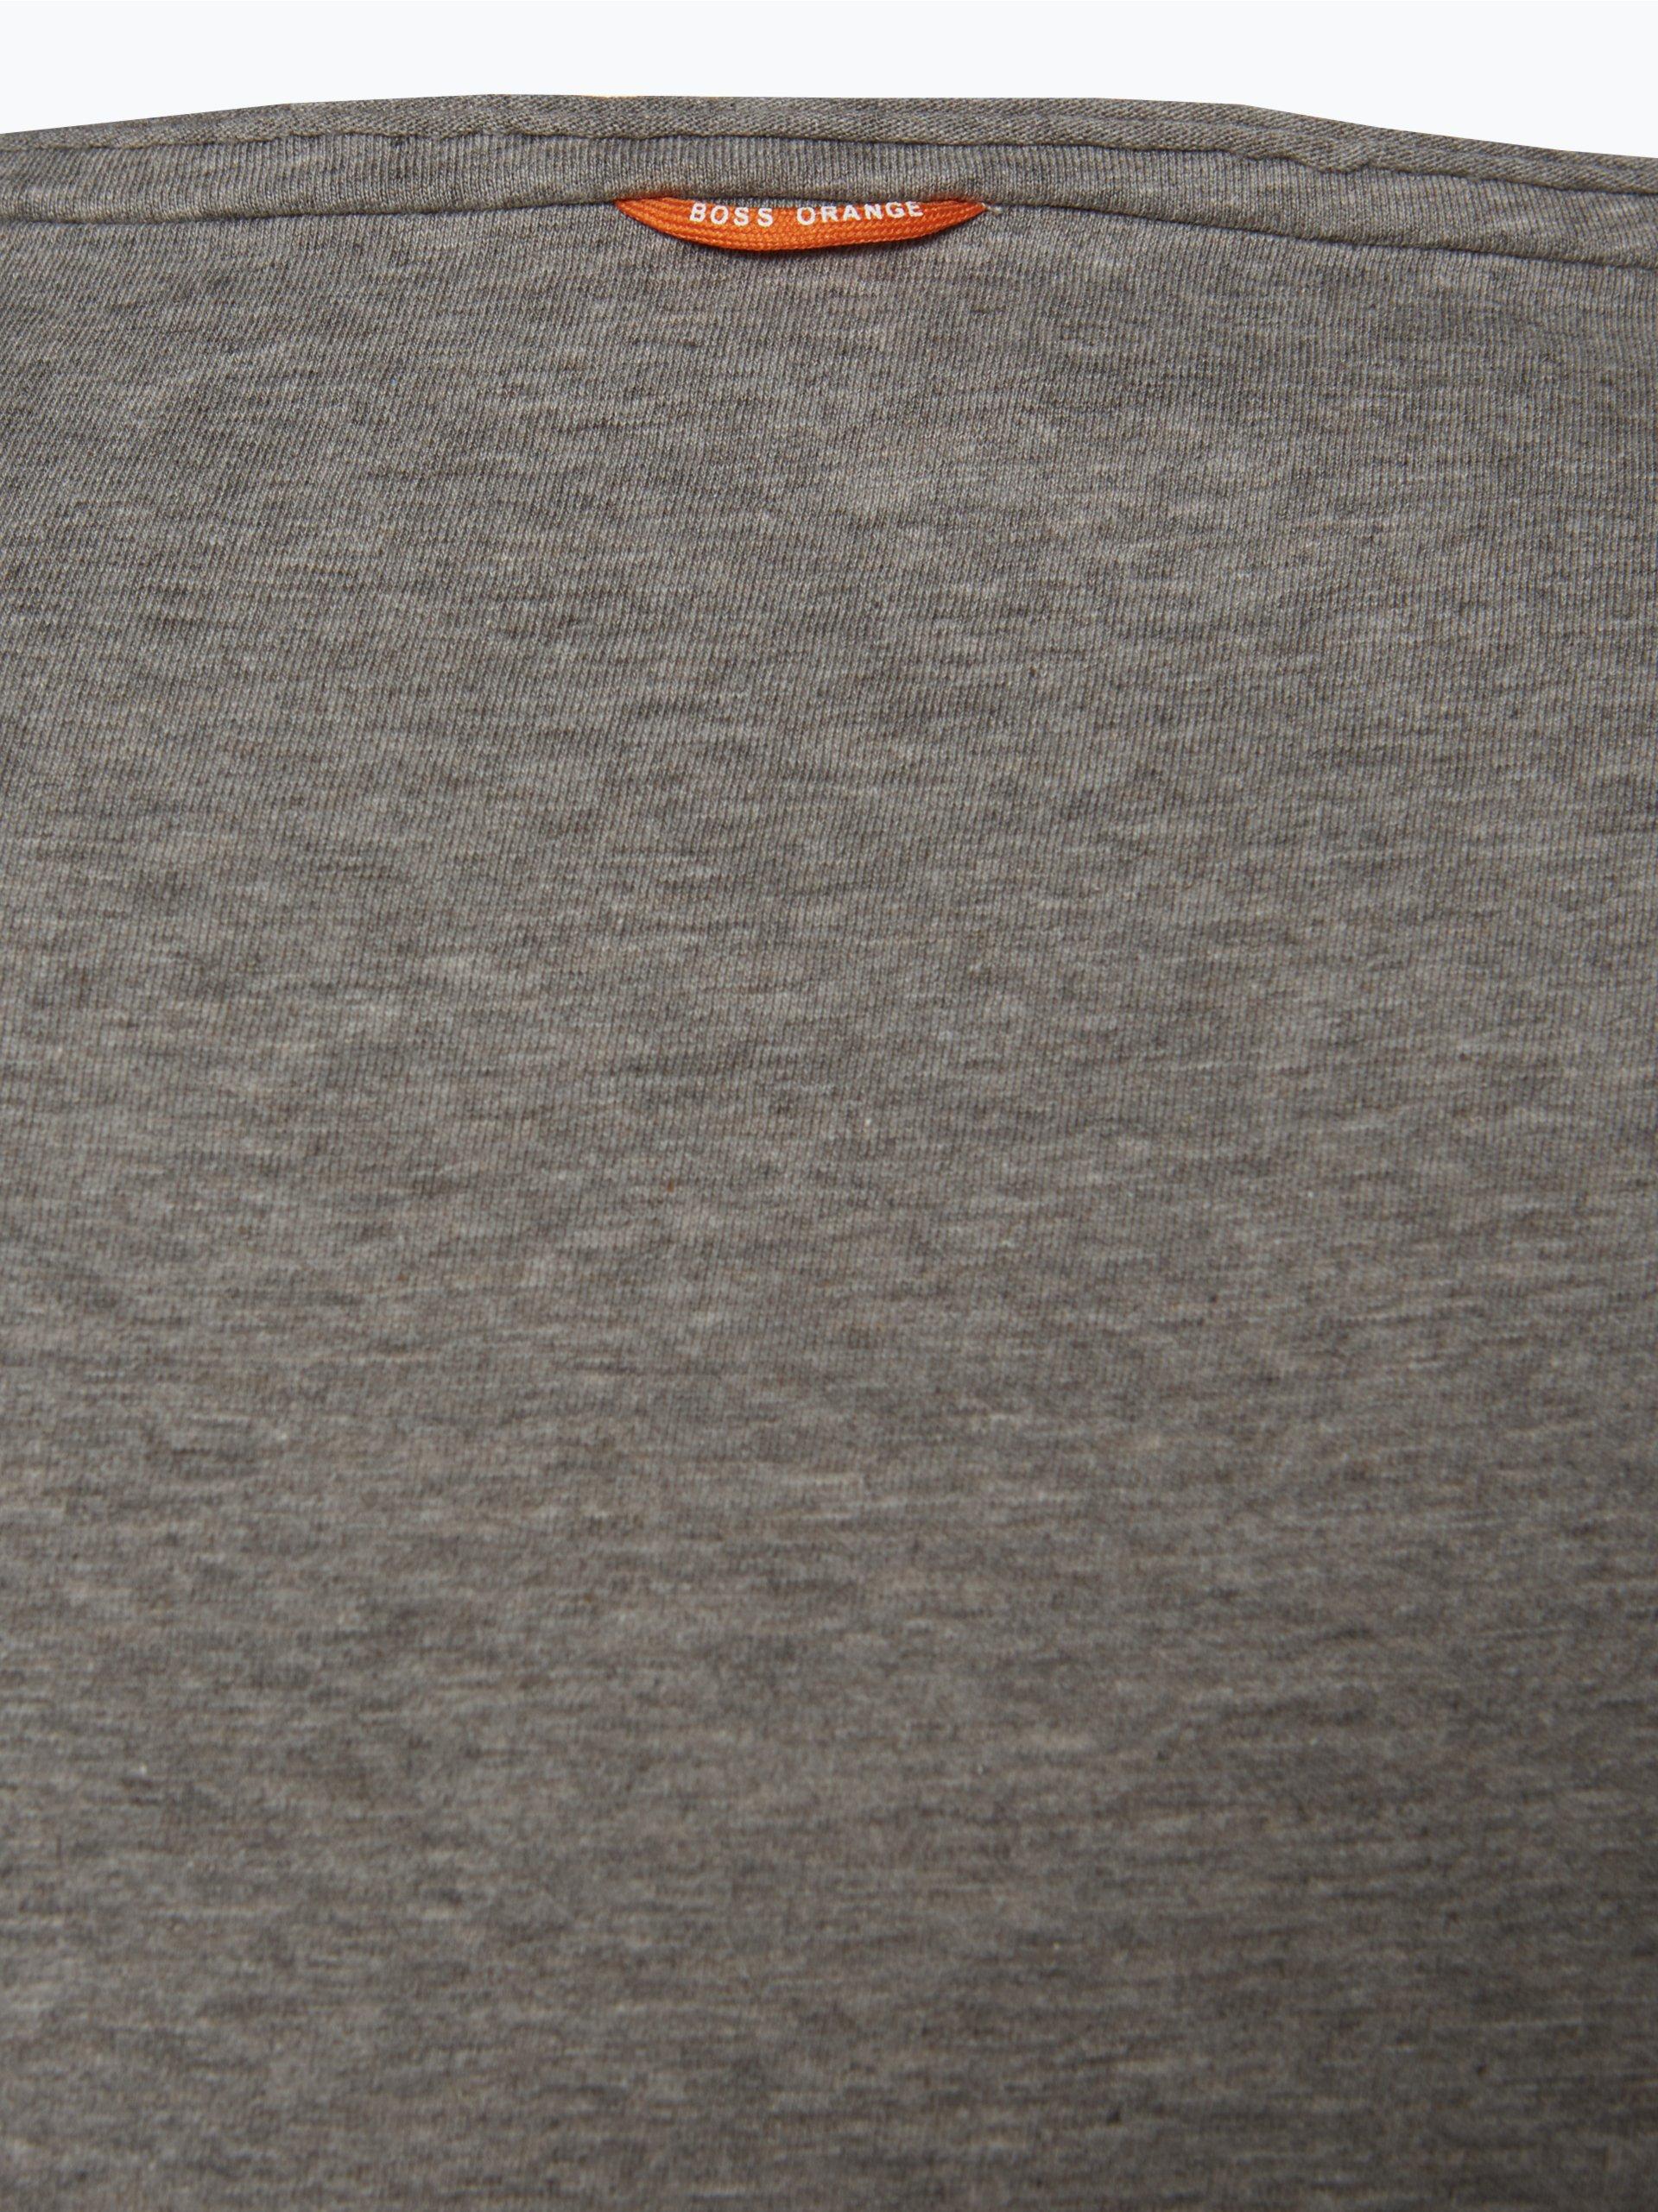 BOSS Orange Herren T-Shirt - Tooles